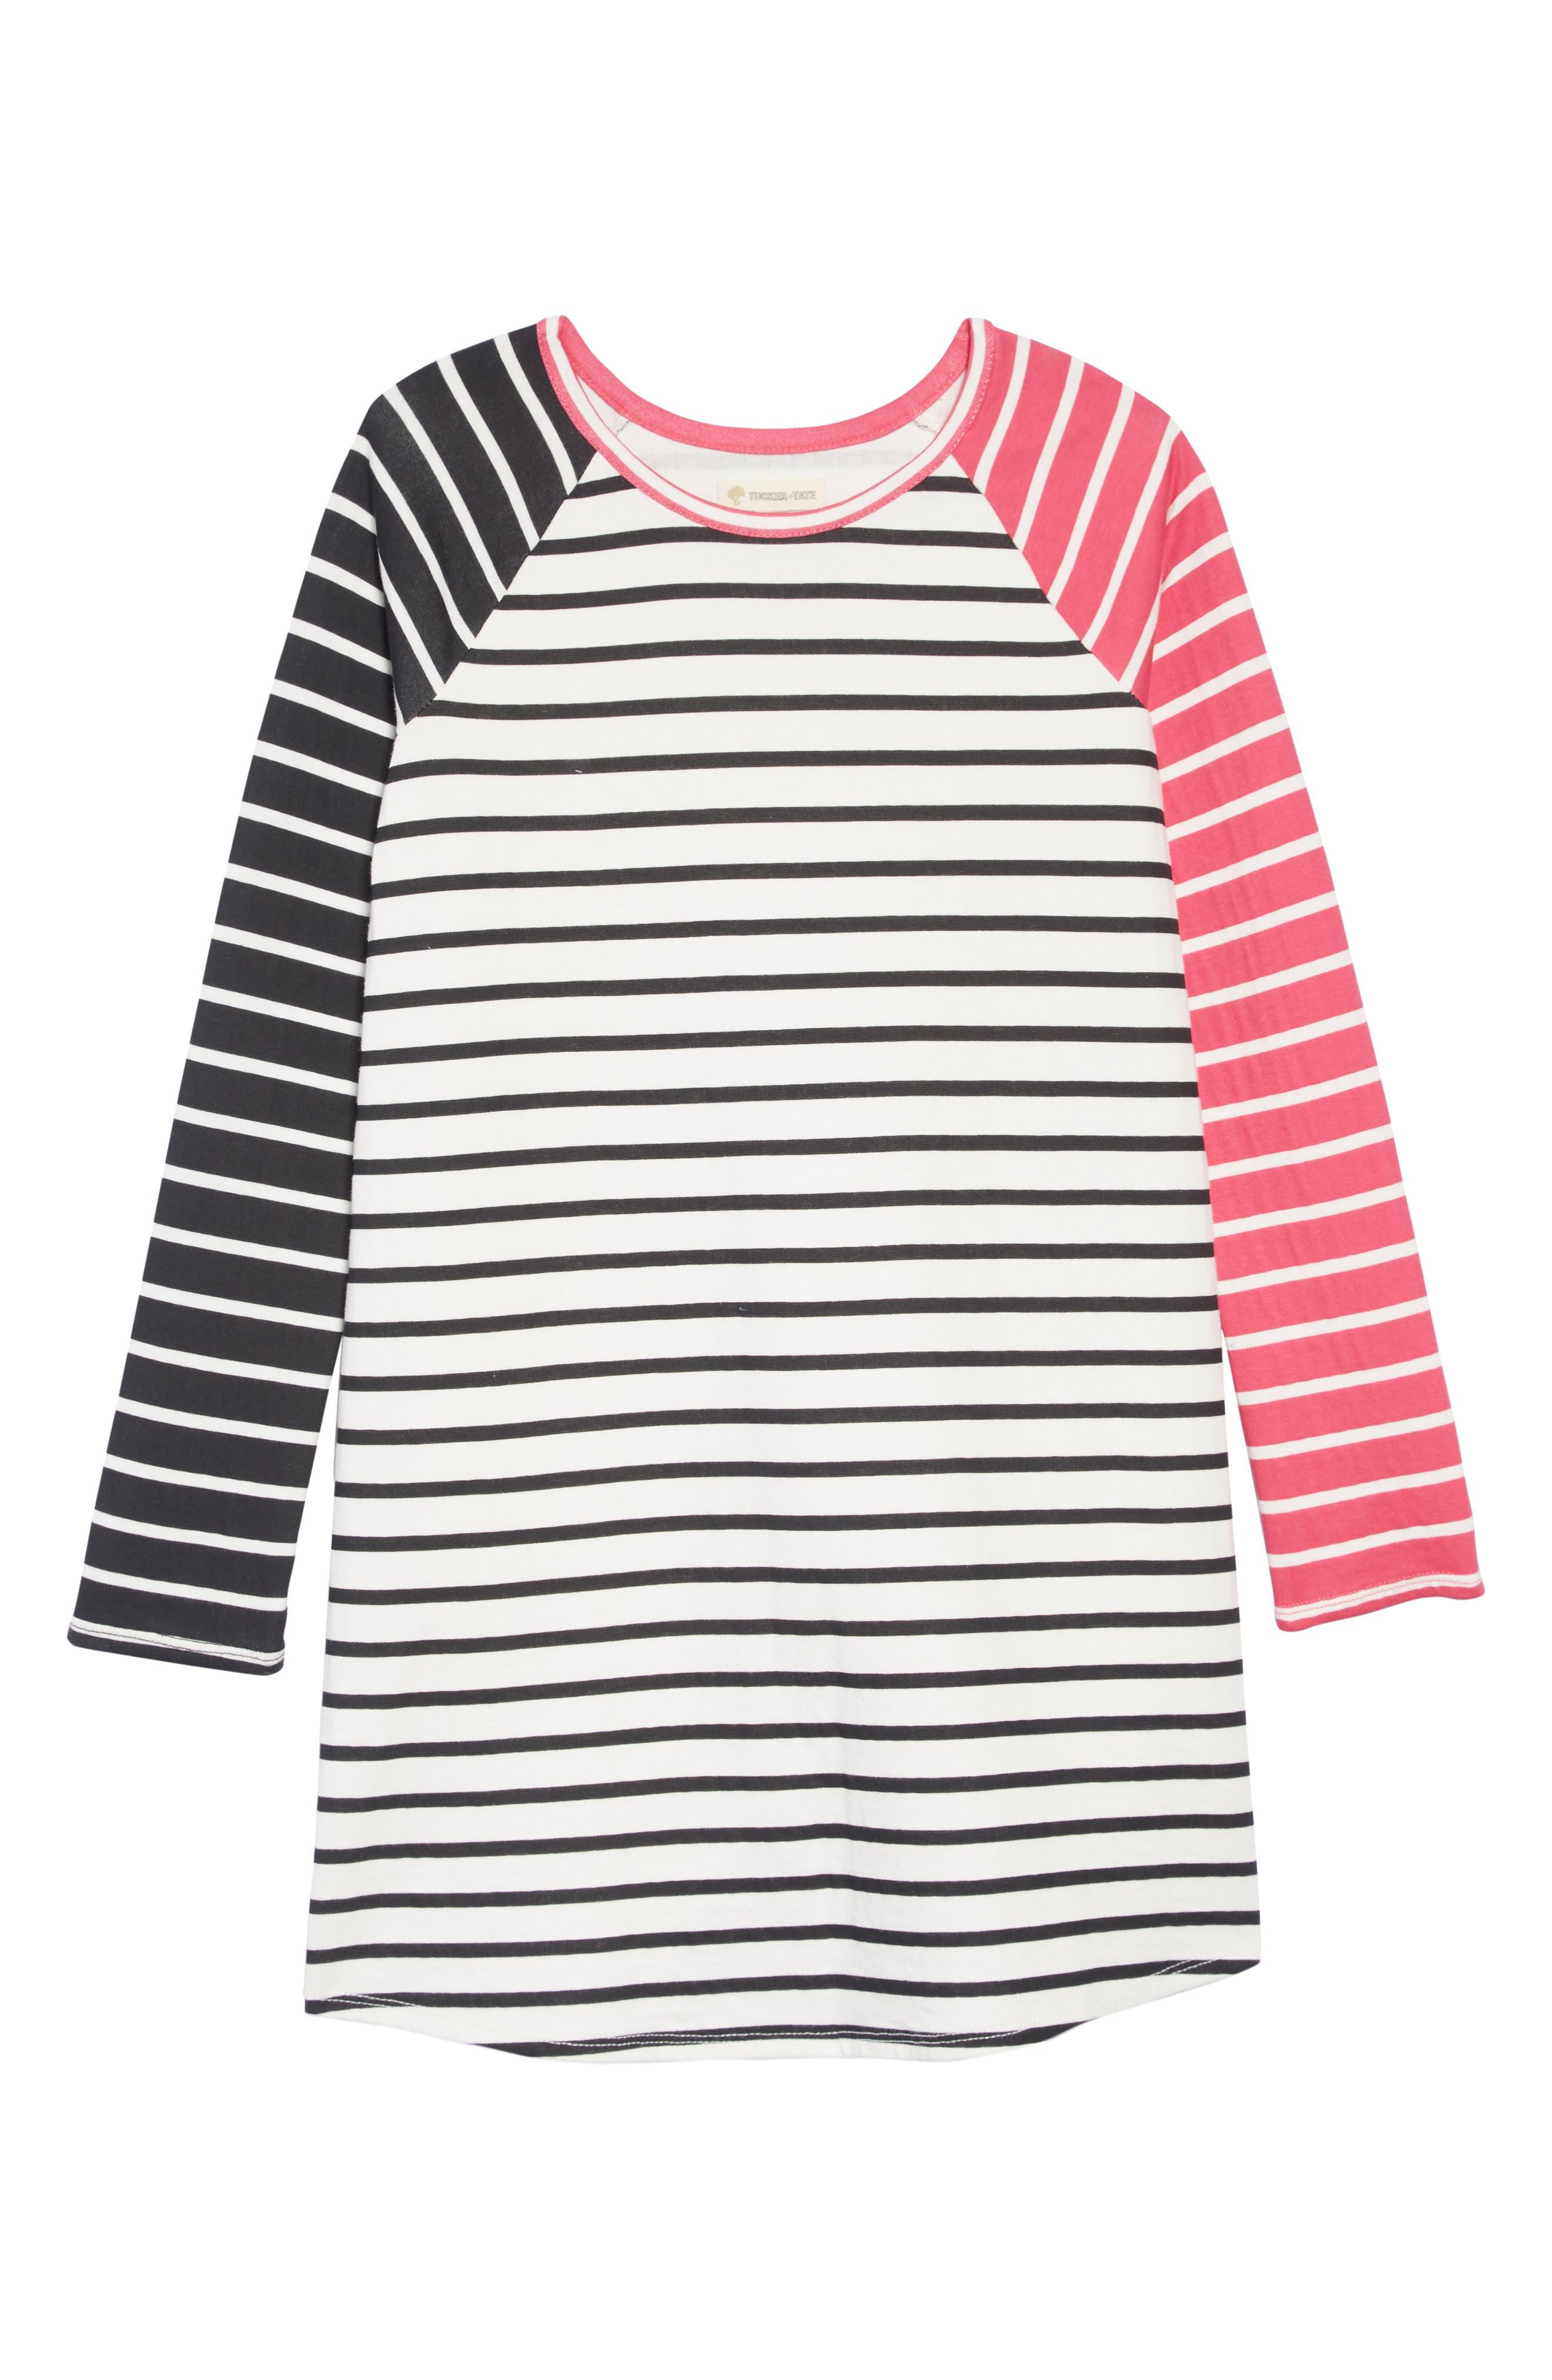 Stripe Dress,                             Main thumbnail 1, color,                             IVORY EGRET MULTI STRIPE